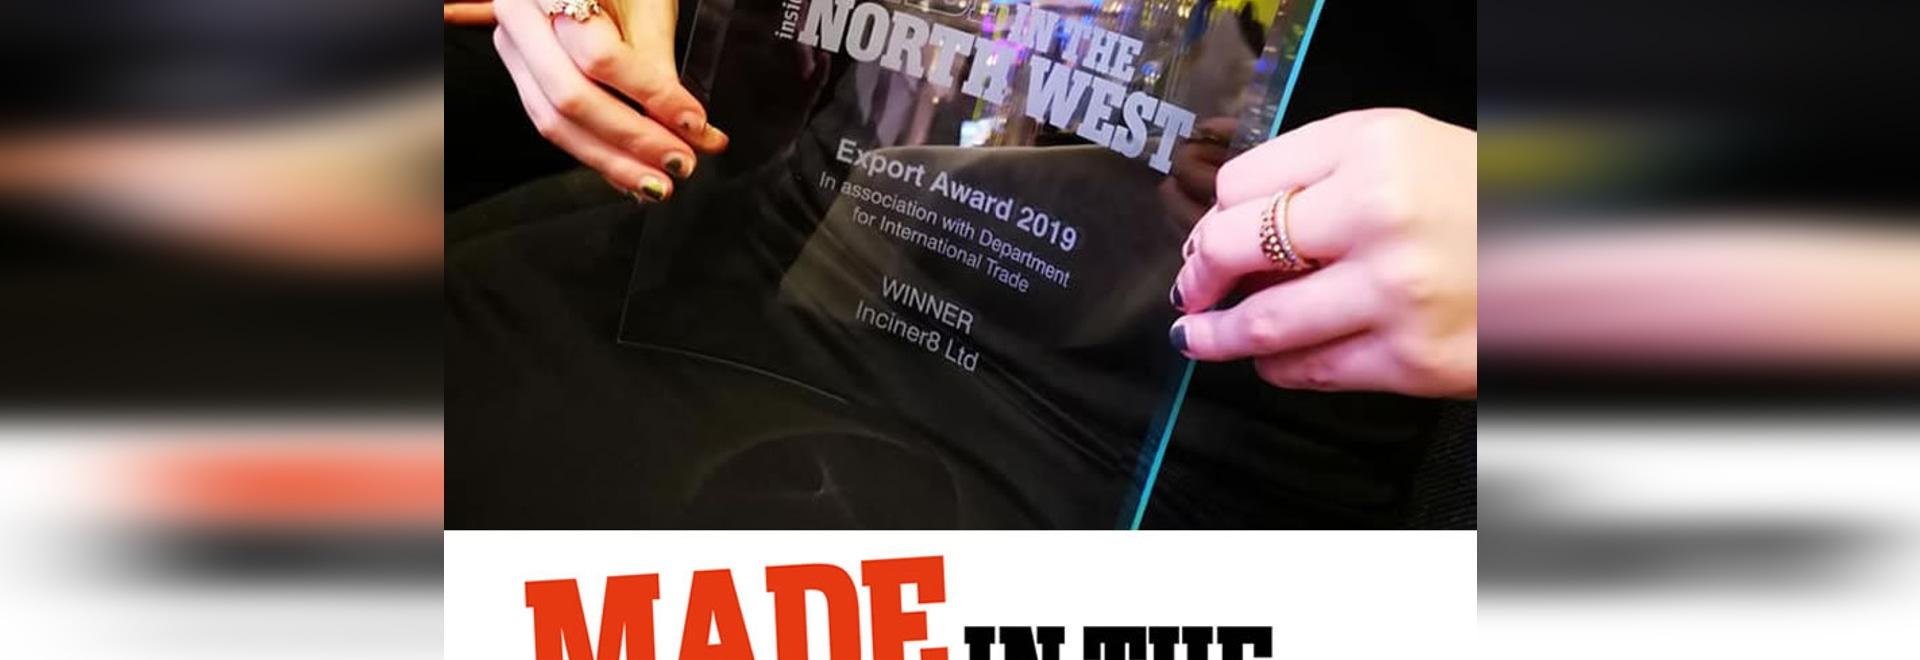 Inciner8 reconnu pour son excellence en matière d'exportation lors de la remise des prix de fabrication